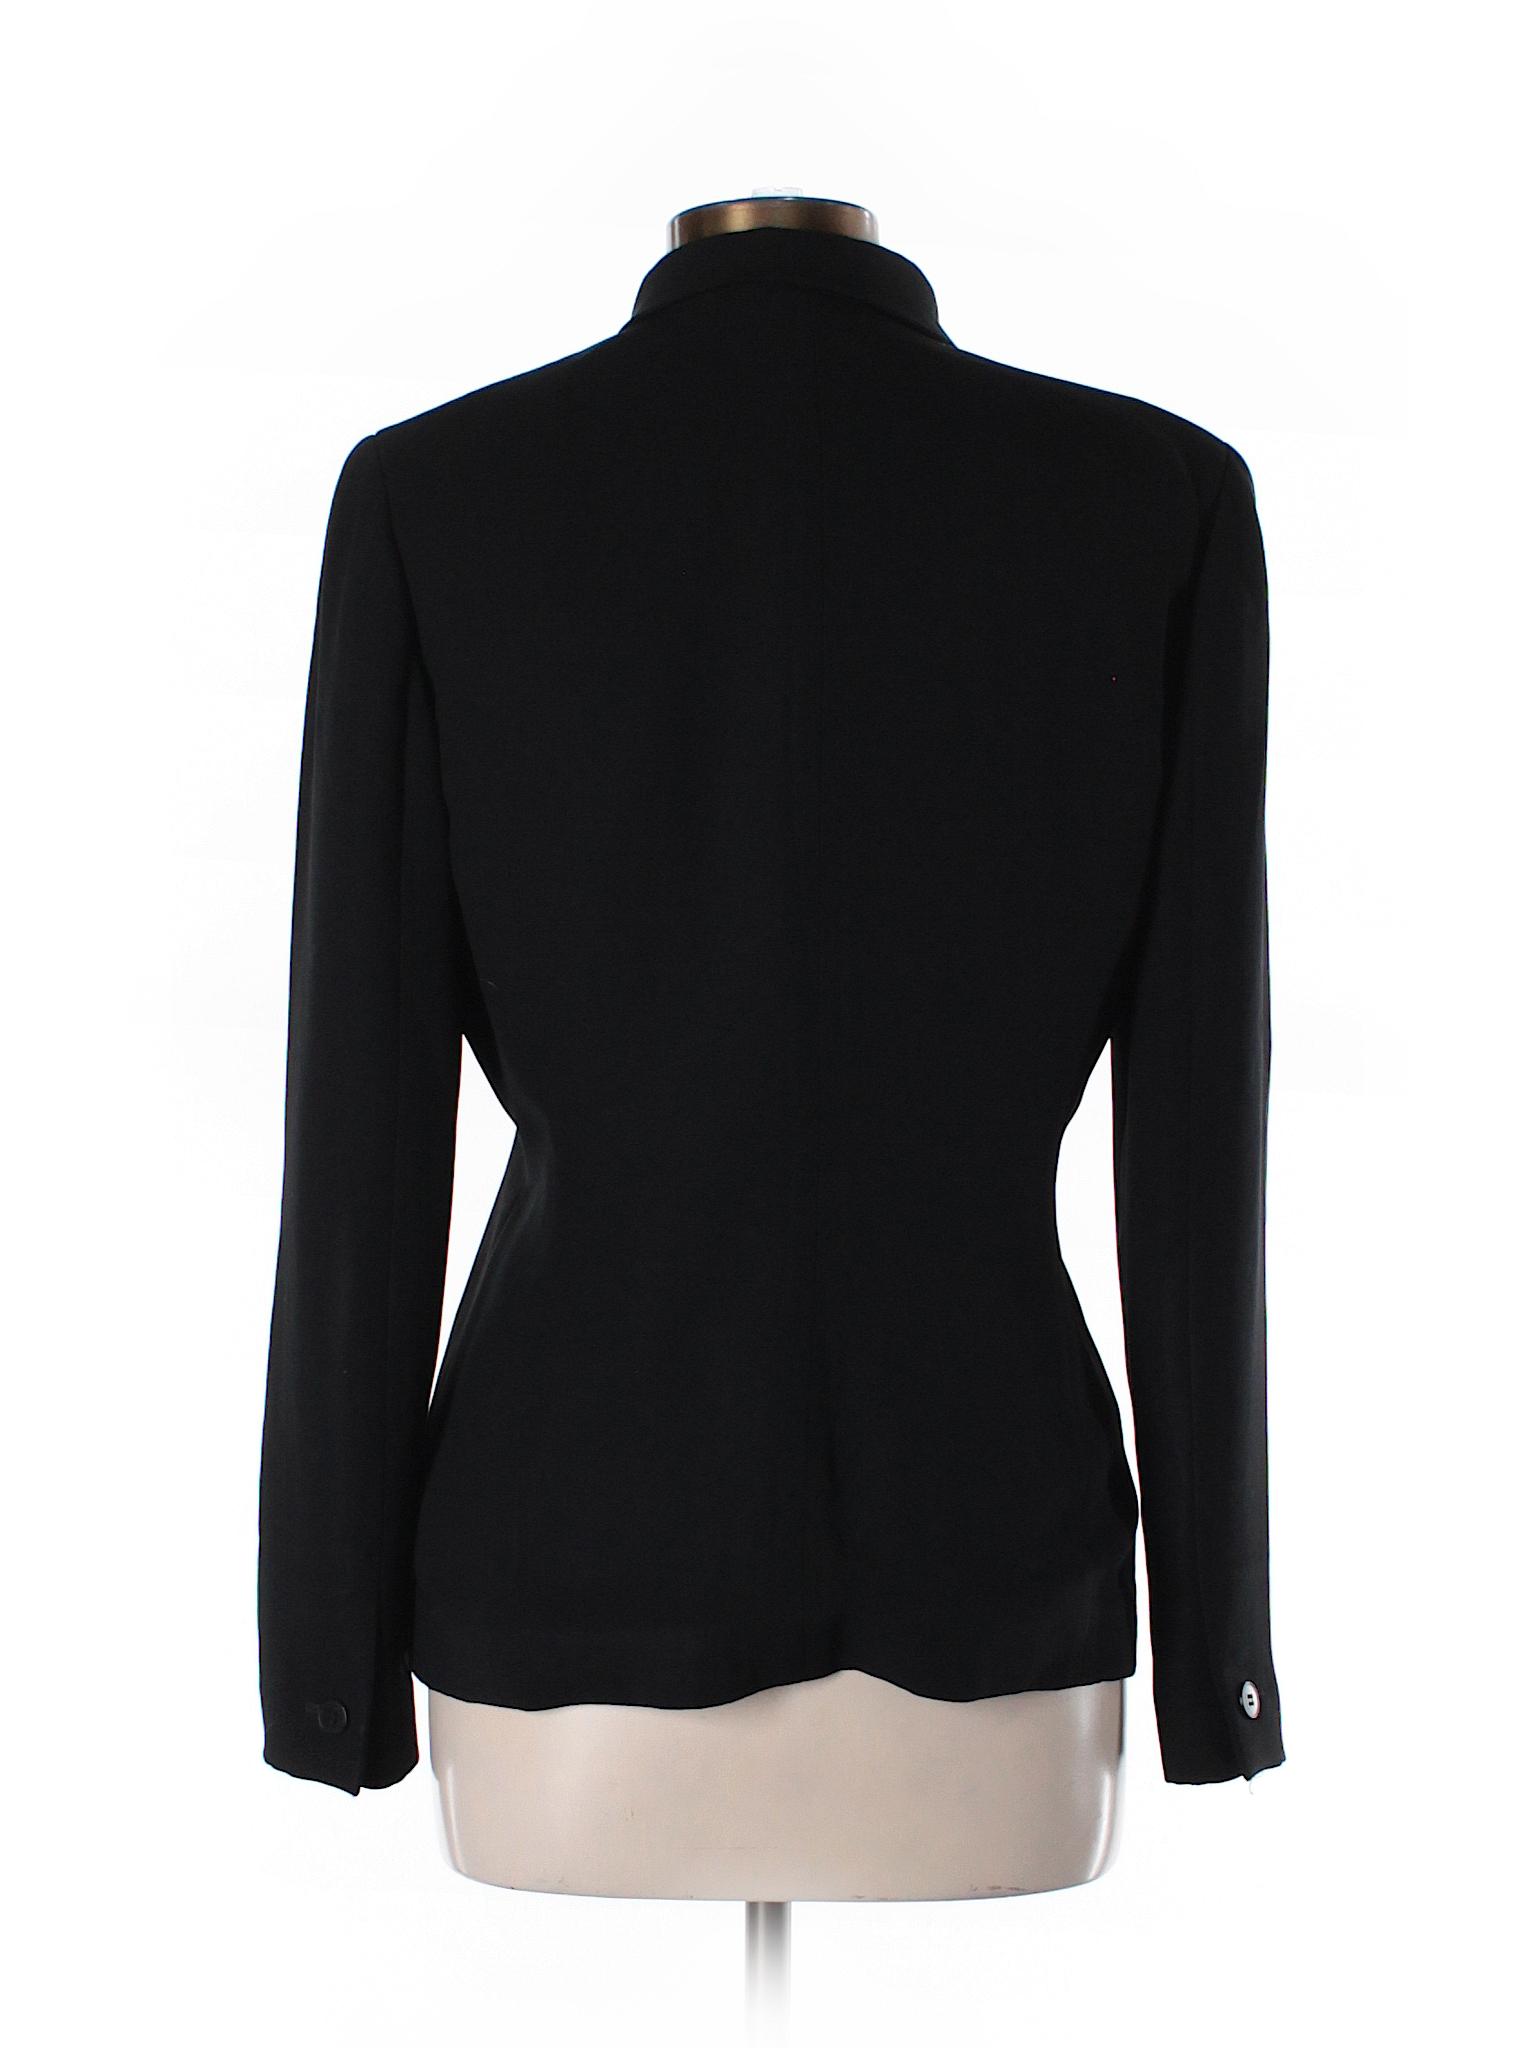 winter Taylor Jacket Ann LOFT Boutique vqF0dW